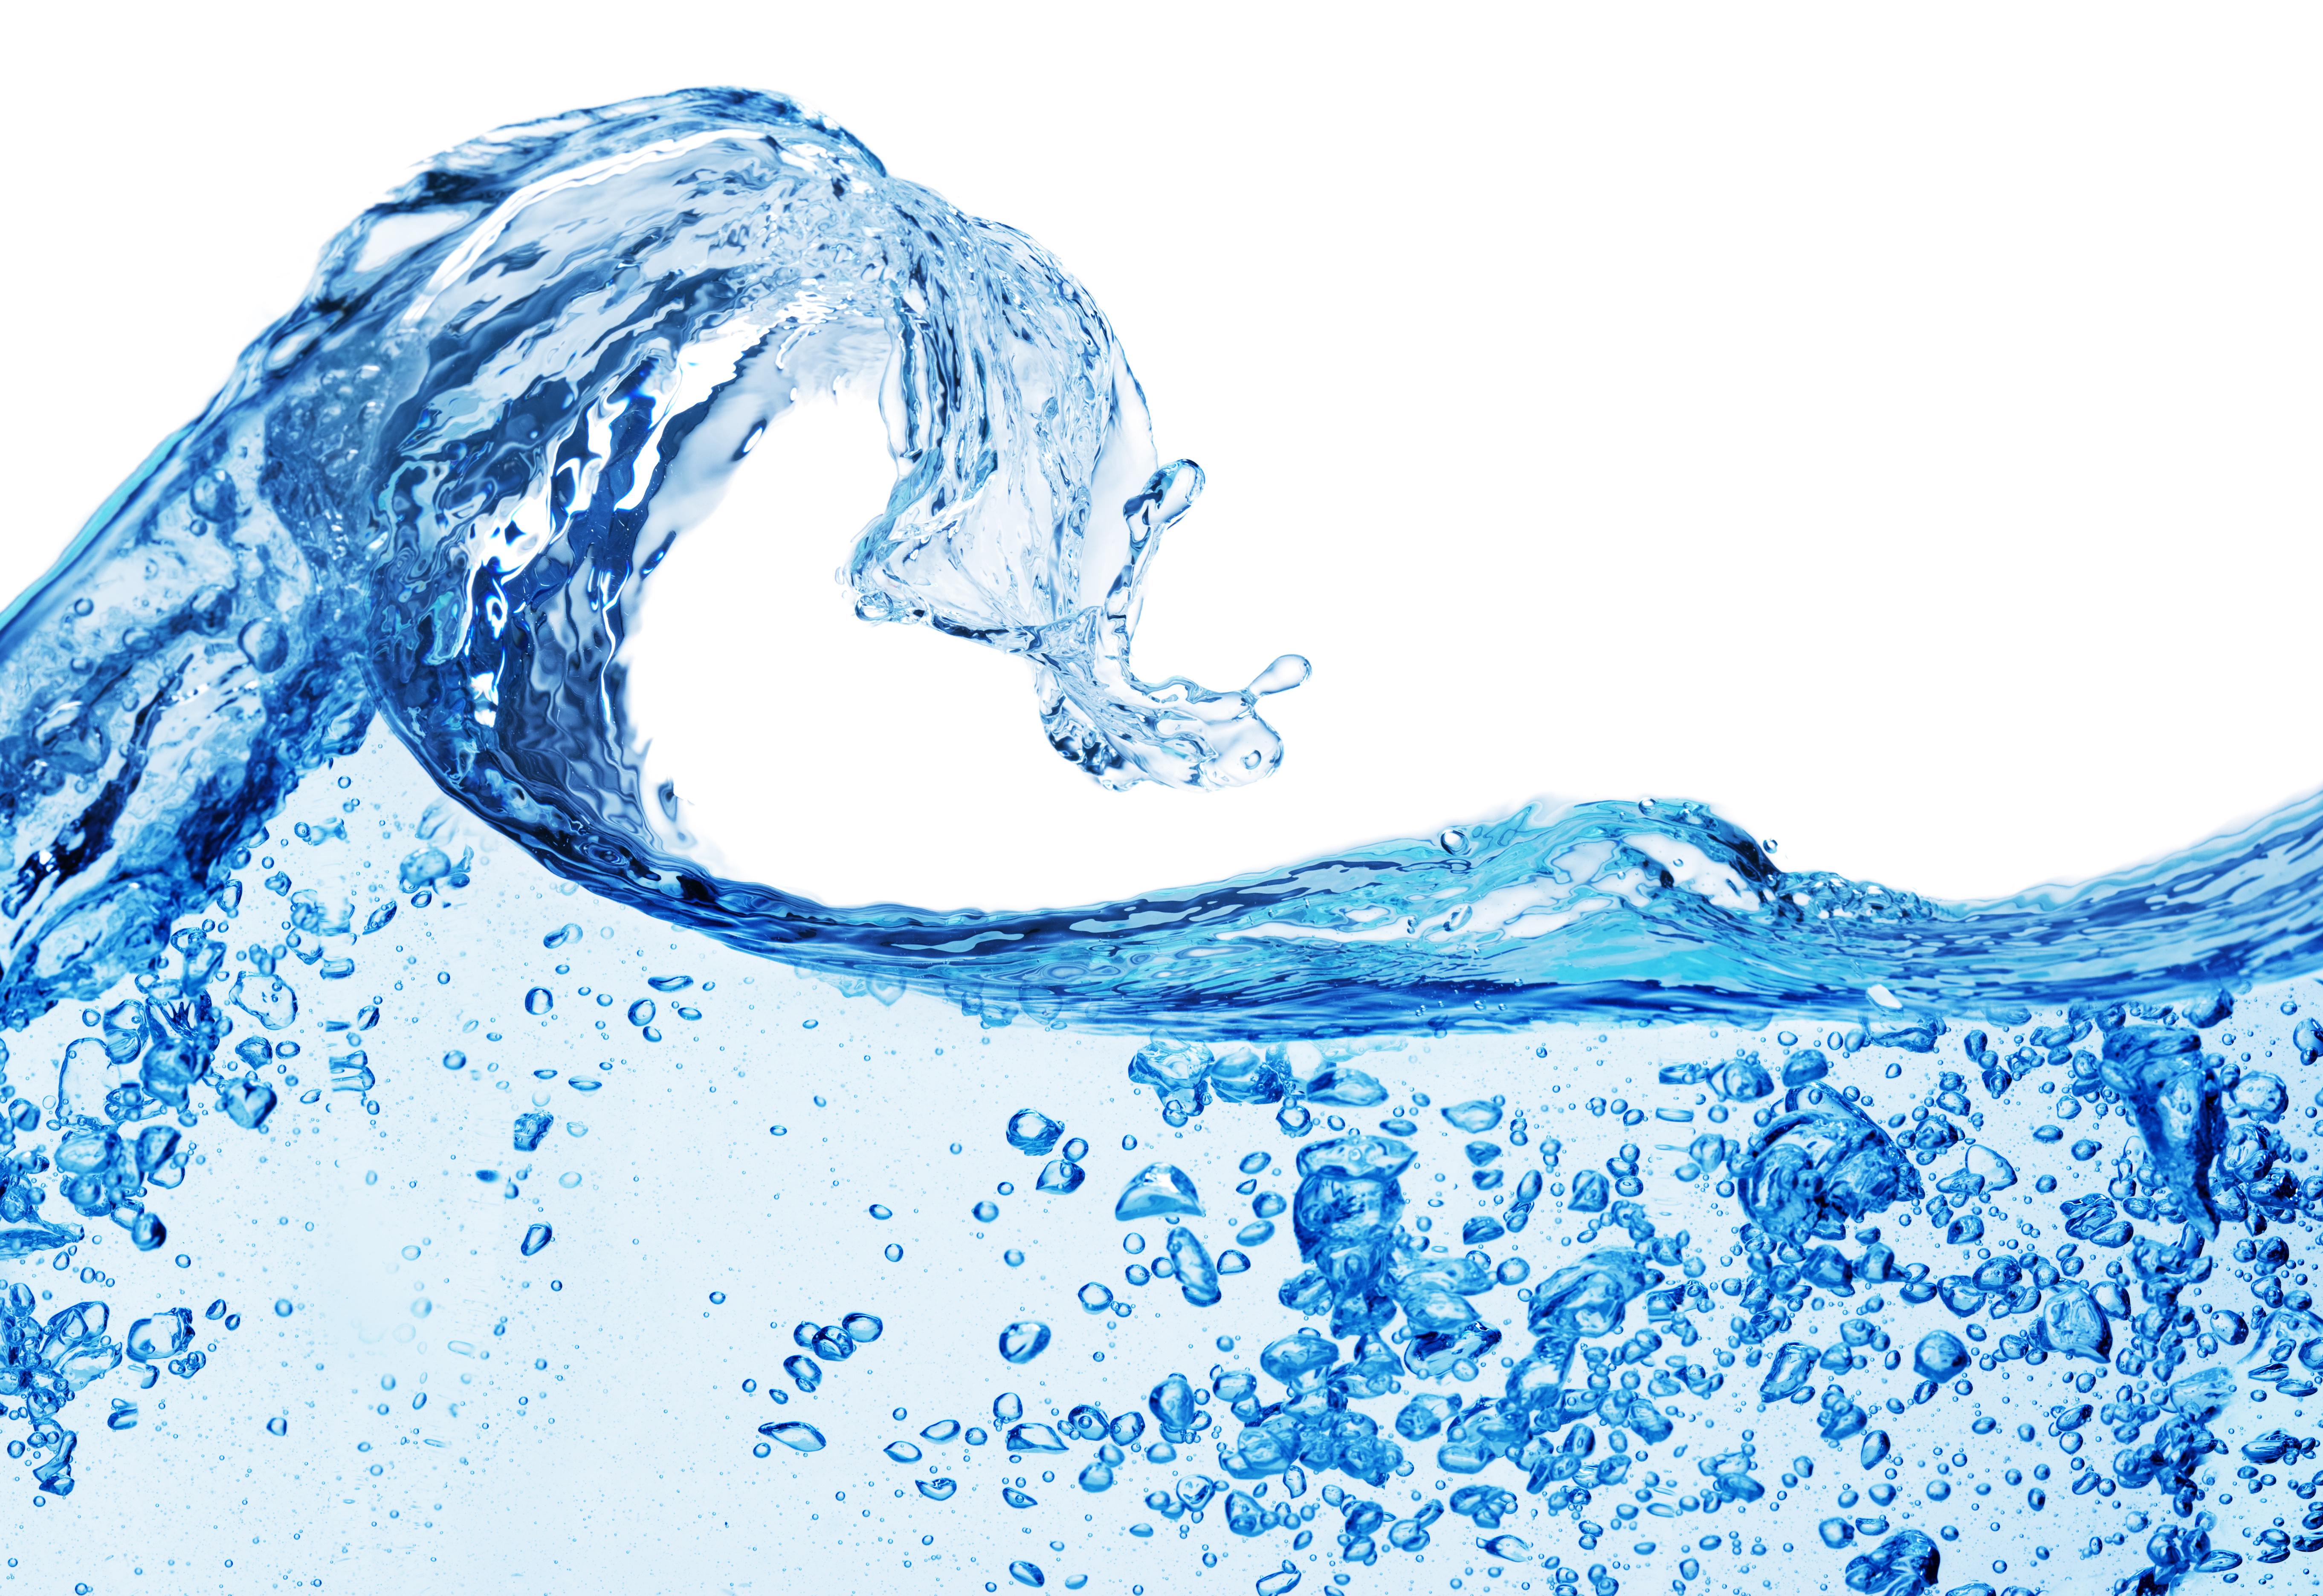 Wallpaper water splash bubbles wallpapers macro   download 5448x3744